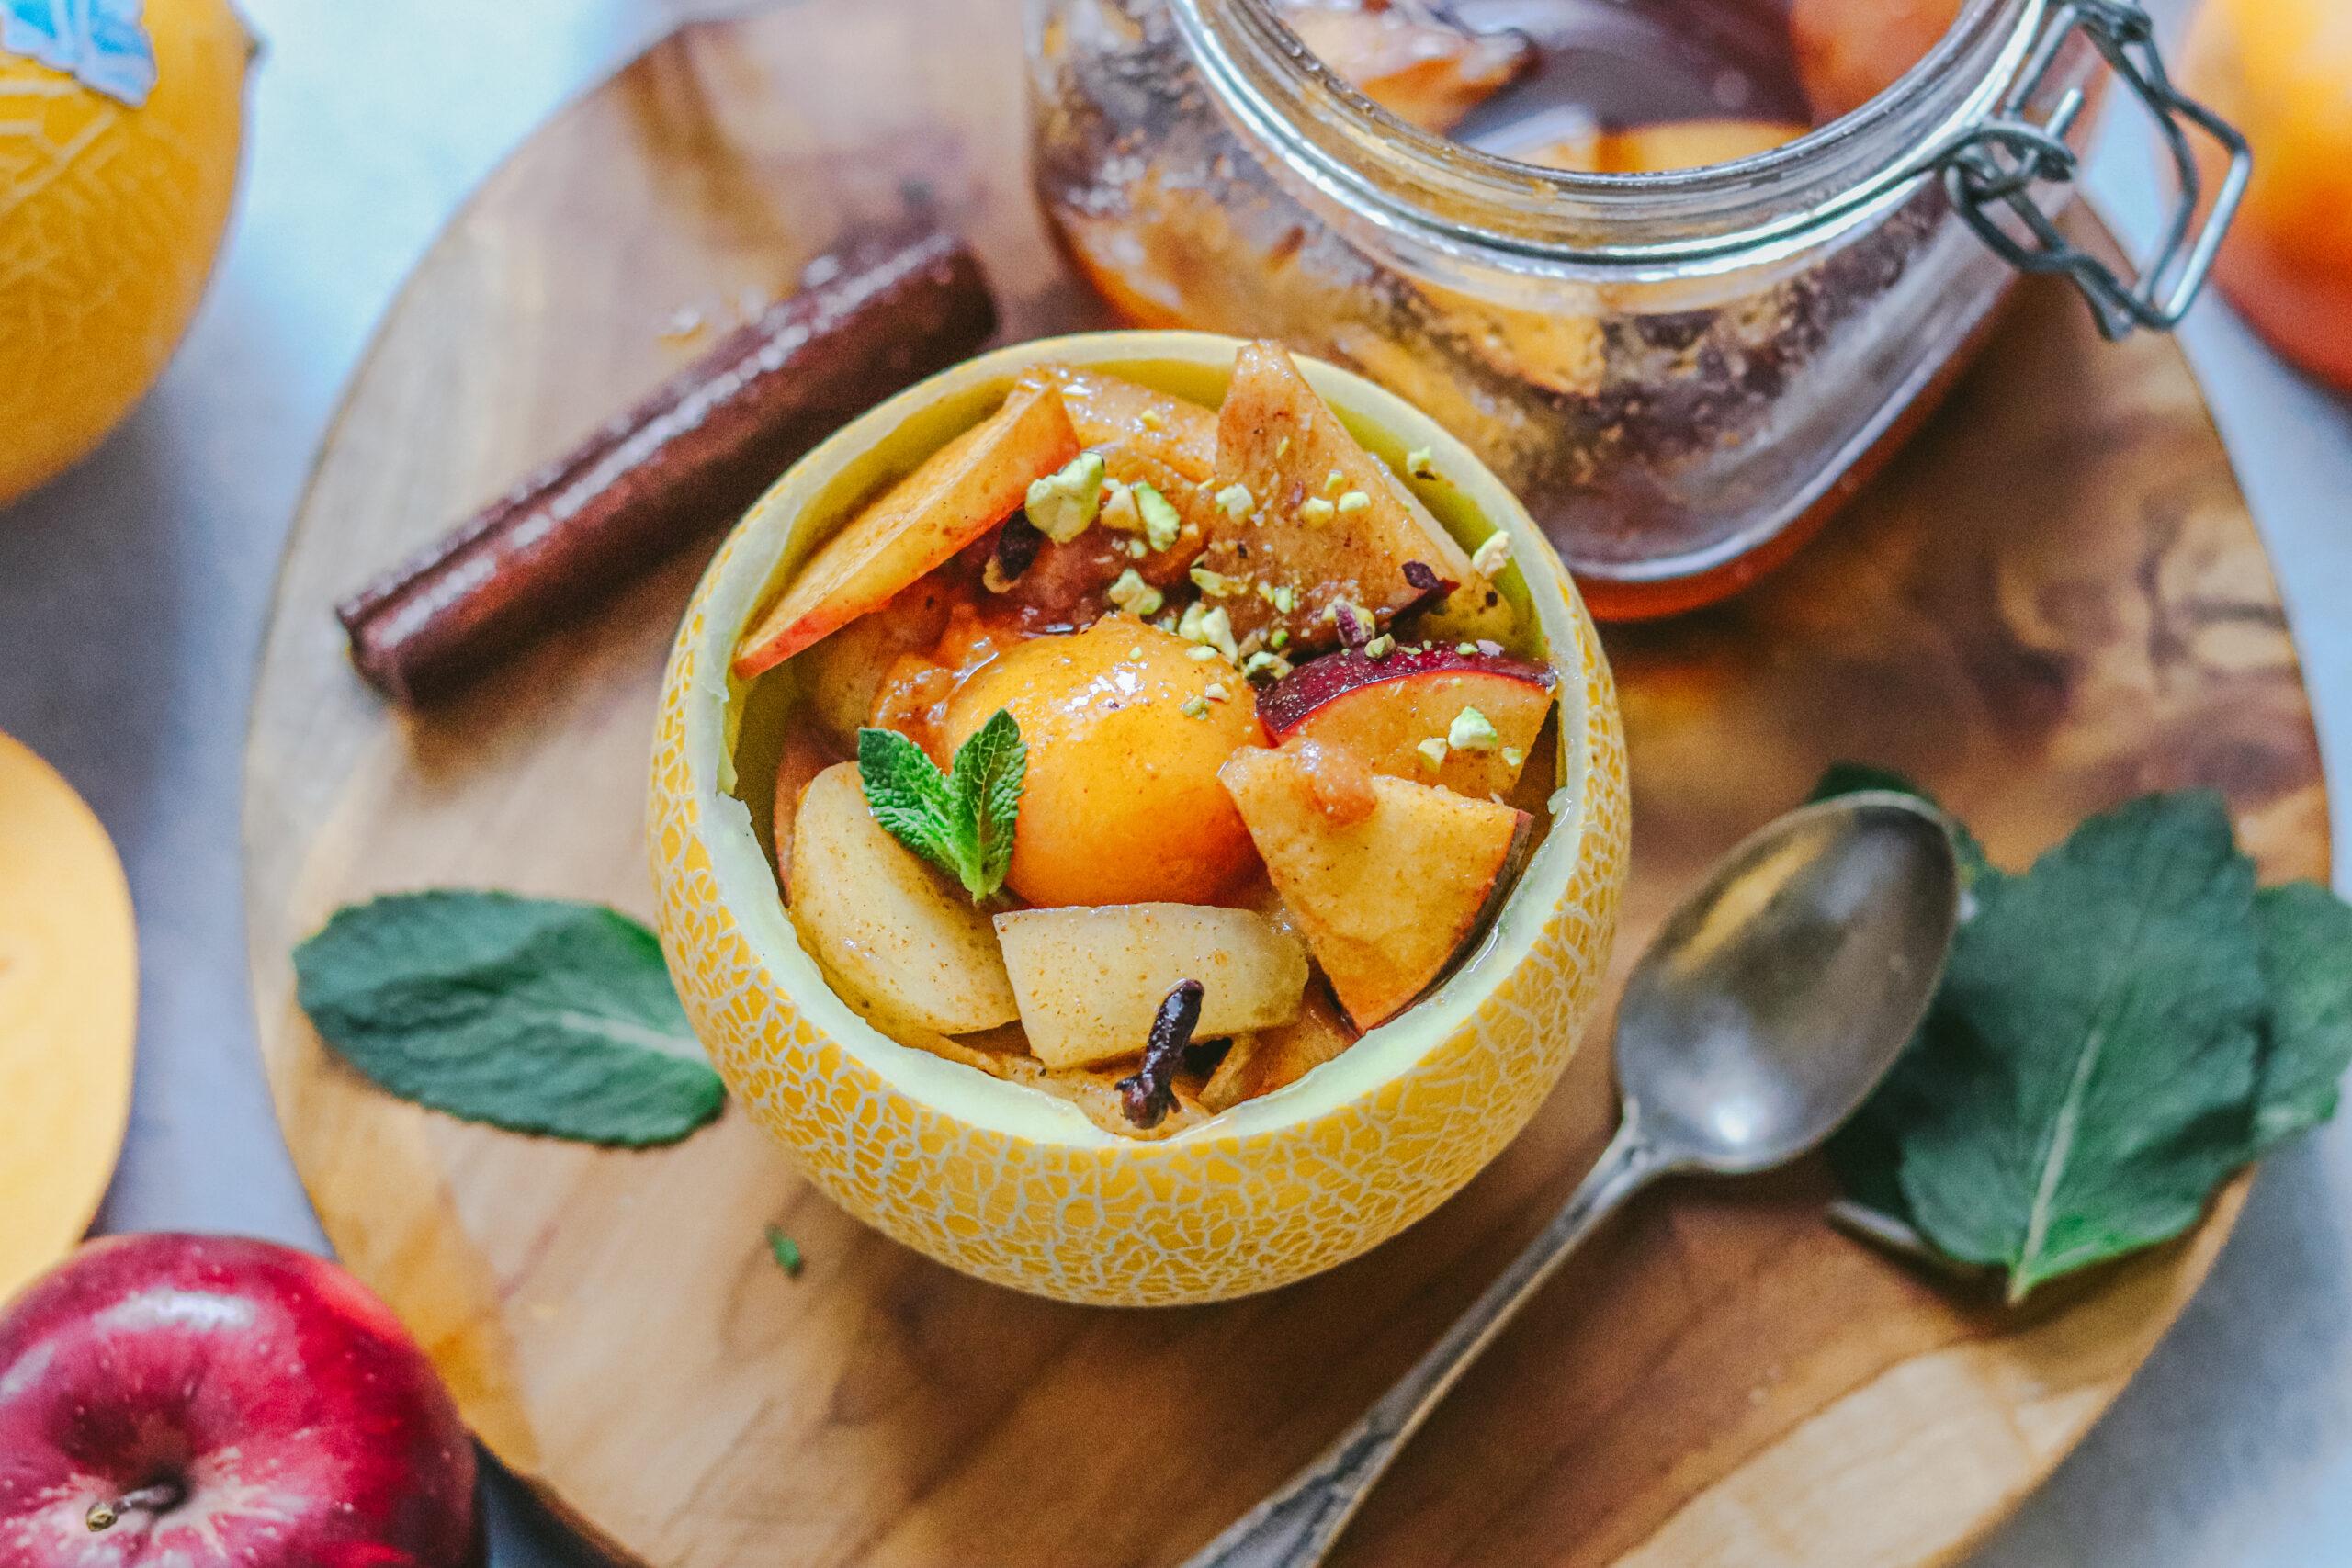 Lililup relleno de frutas en escabeche